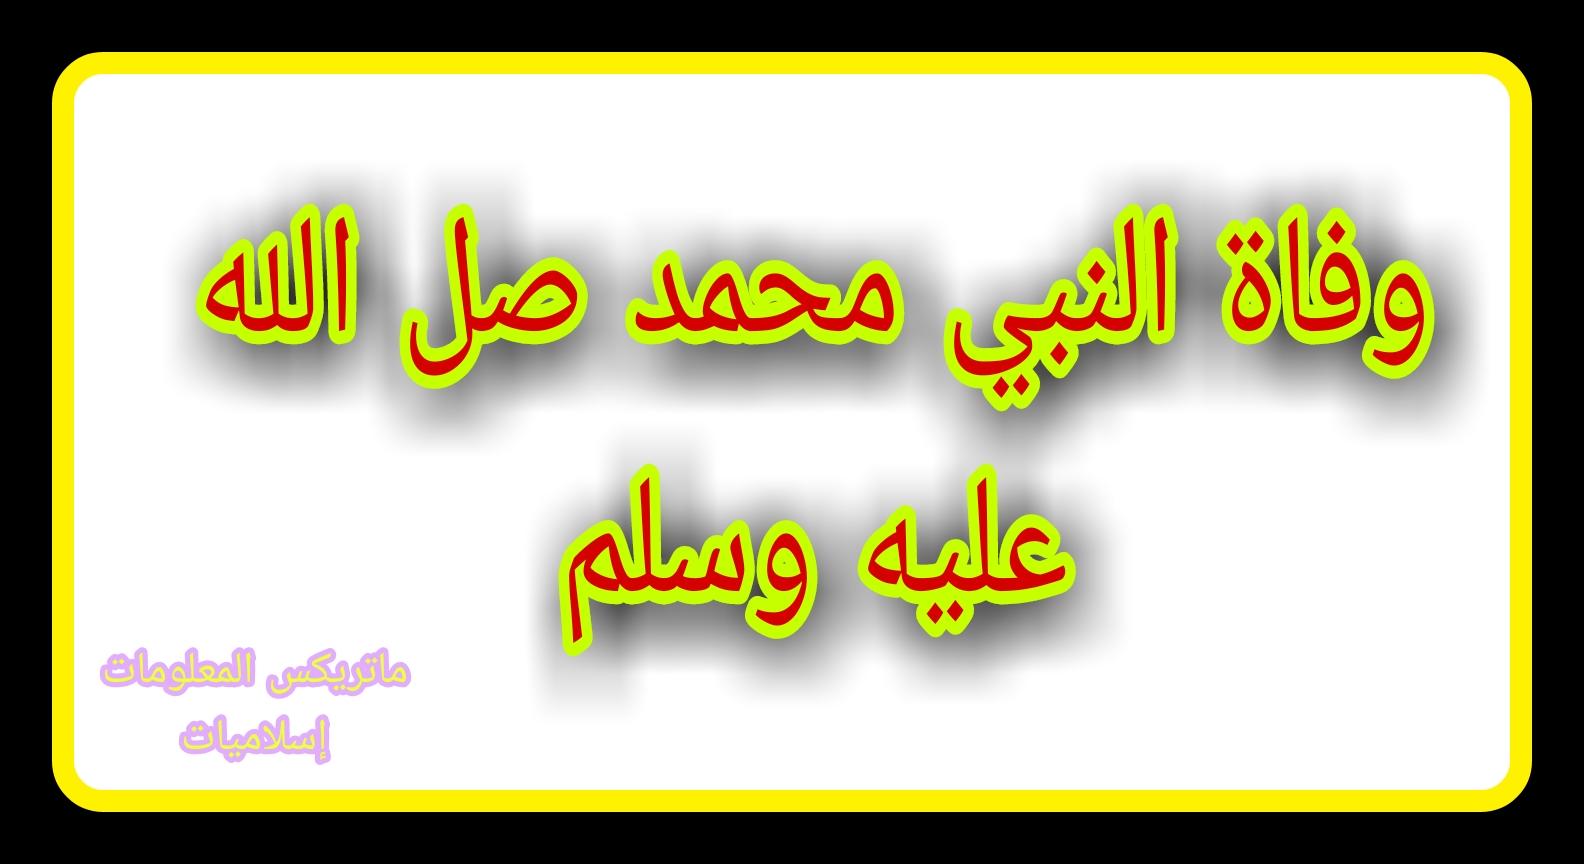 وفاة النبي محمد صلى الله عليه وسلم | وفاة رسول محمد صلى الله عليه وسلم